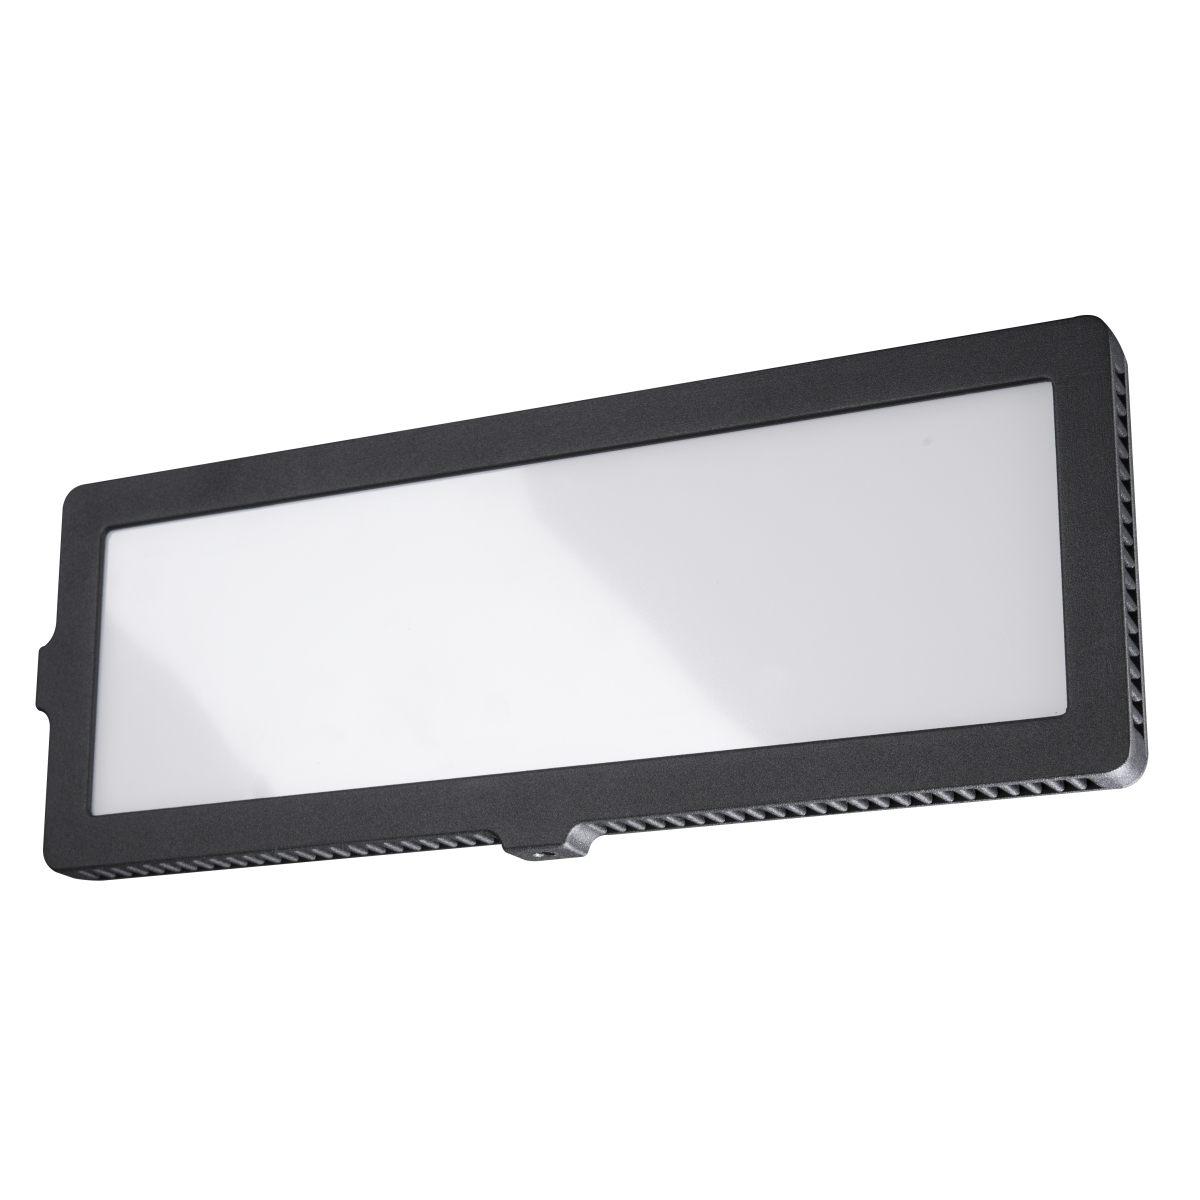 Walimex pro LED Soft 200 Flat Daylight